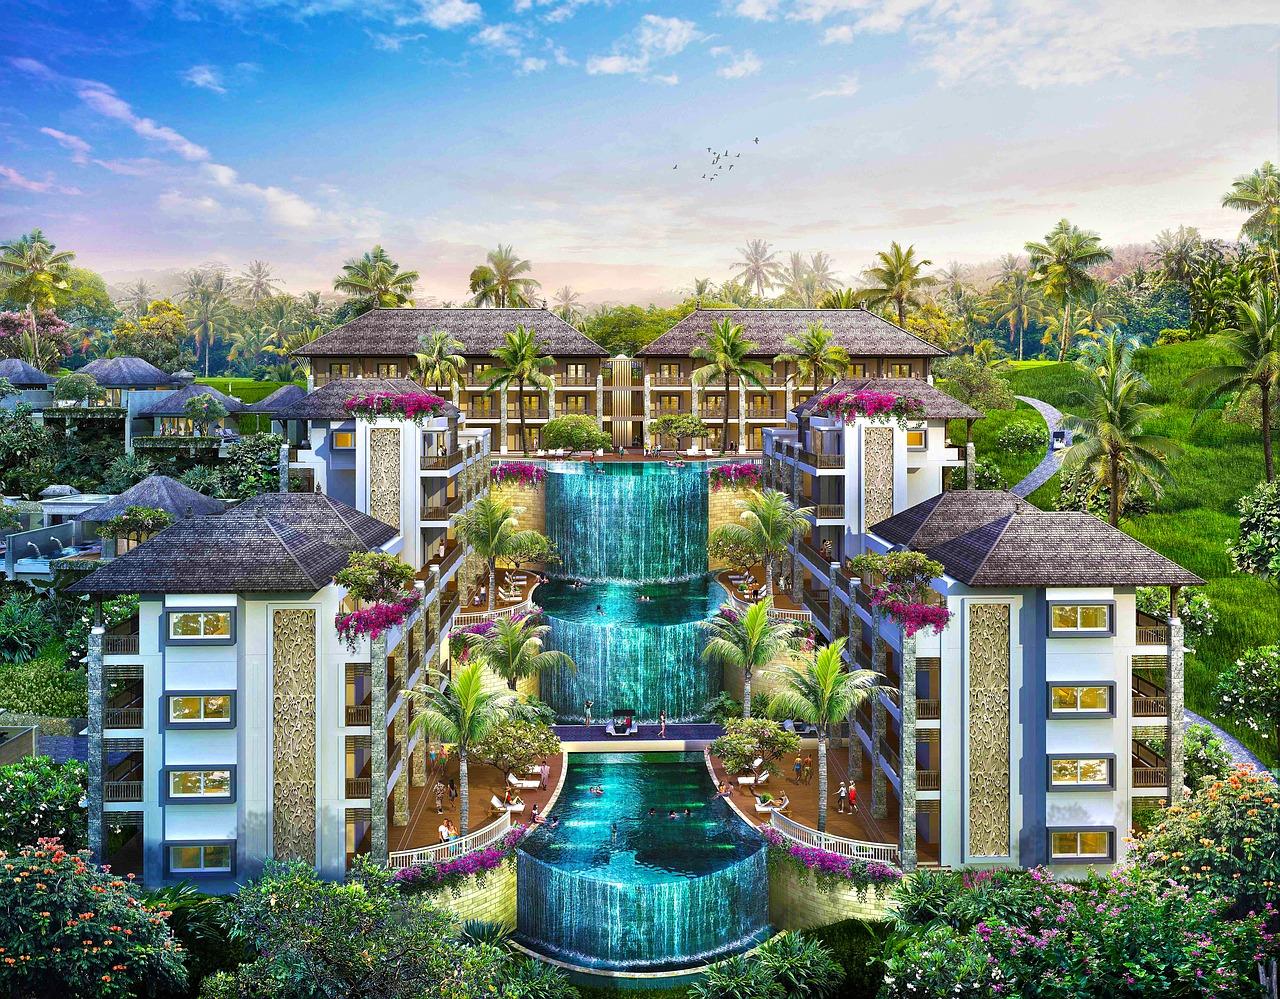 Bali im Bungalow günstig ab 7,65€ die Nacht Indonesien